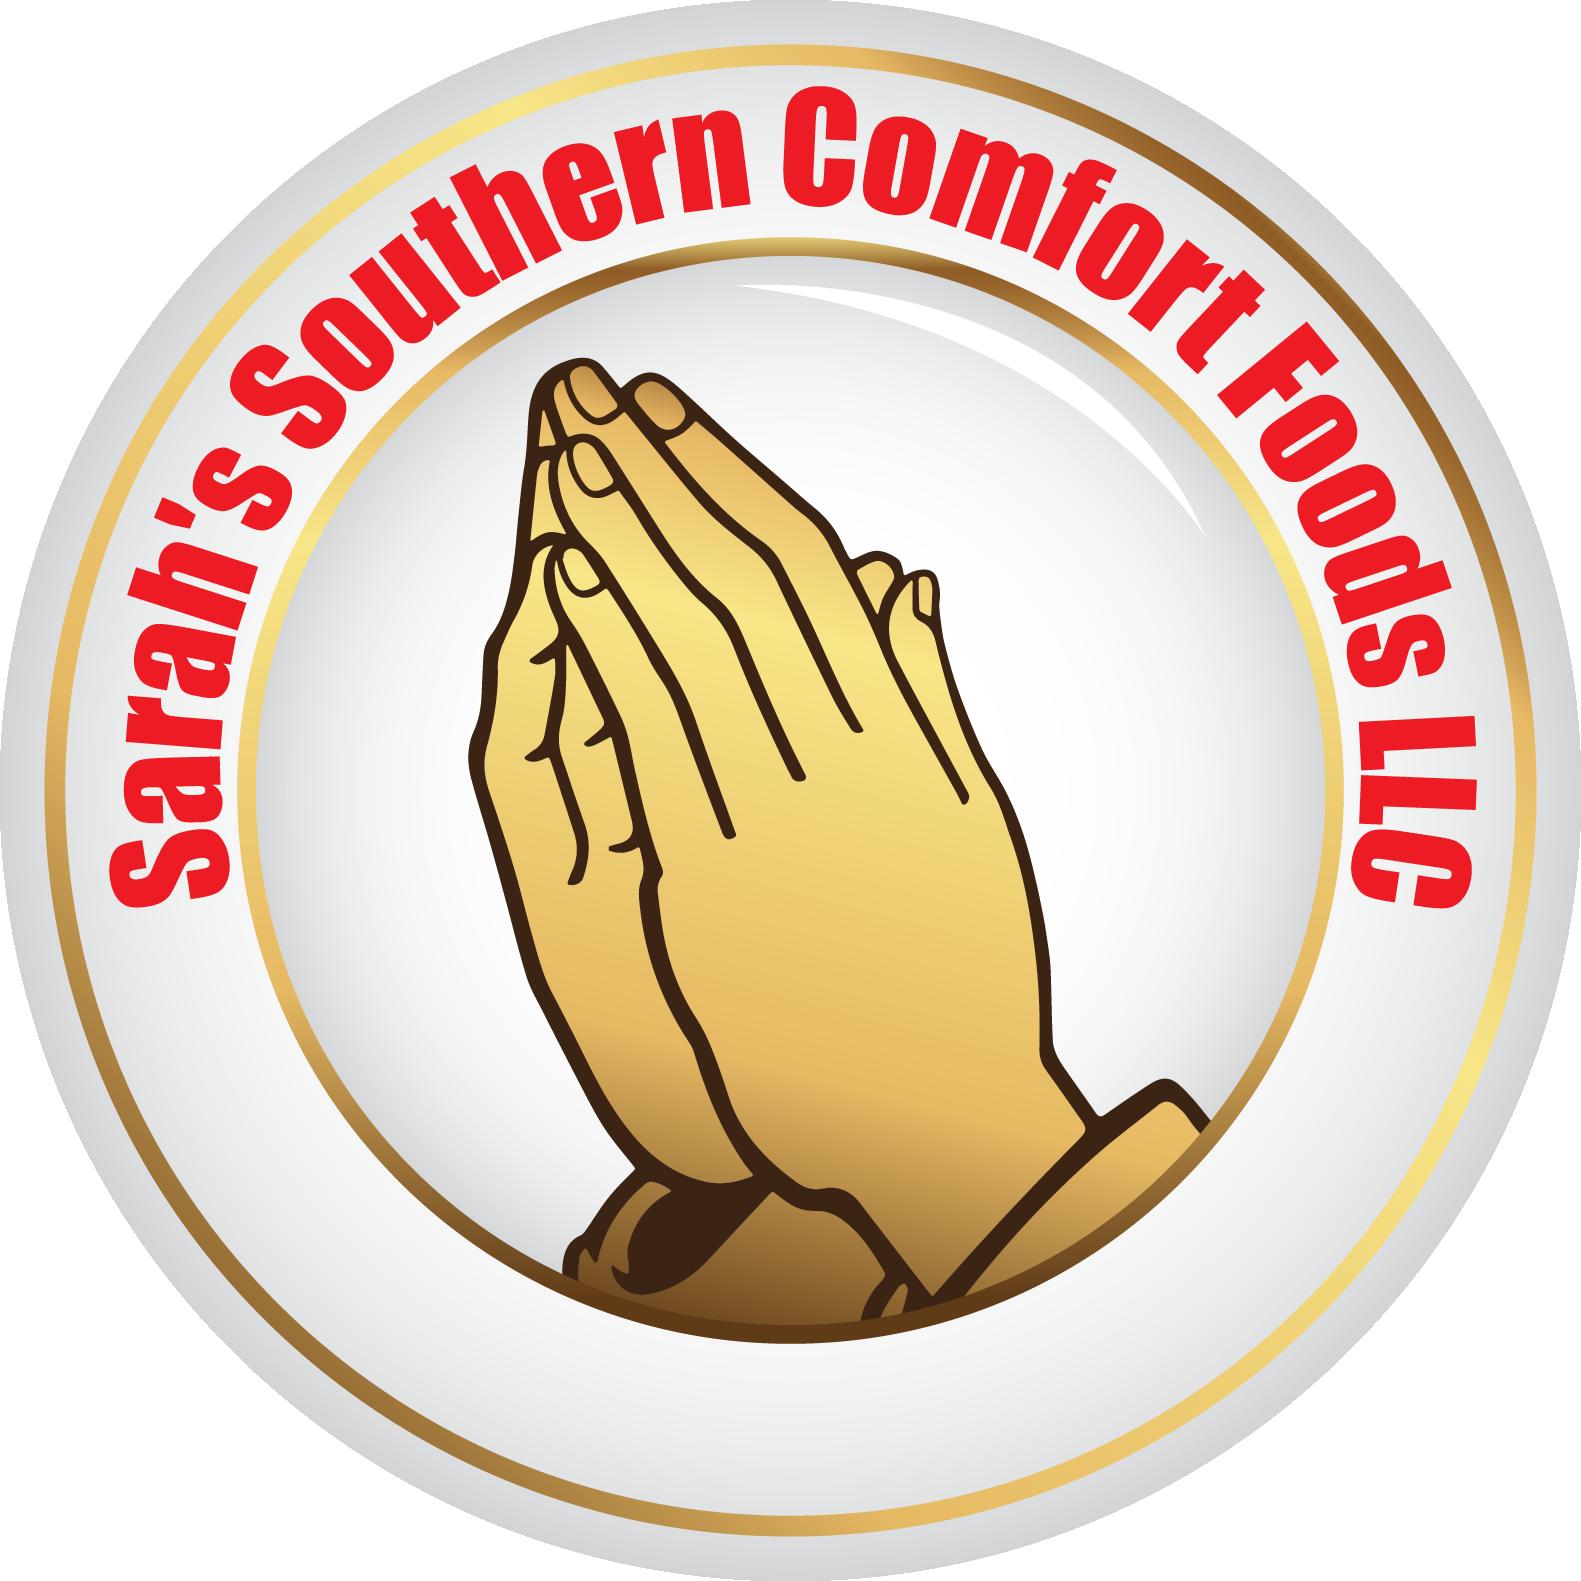 Sarah's Southern Comfort Foods